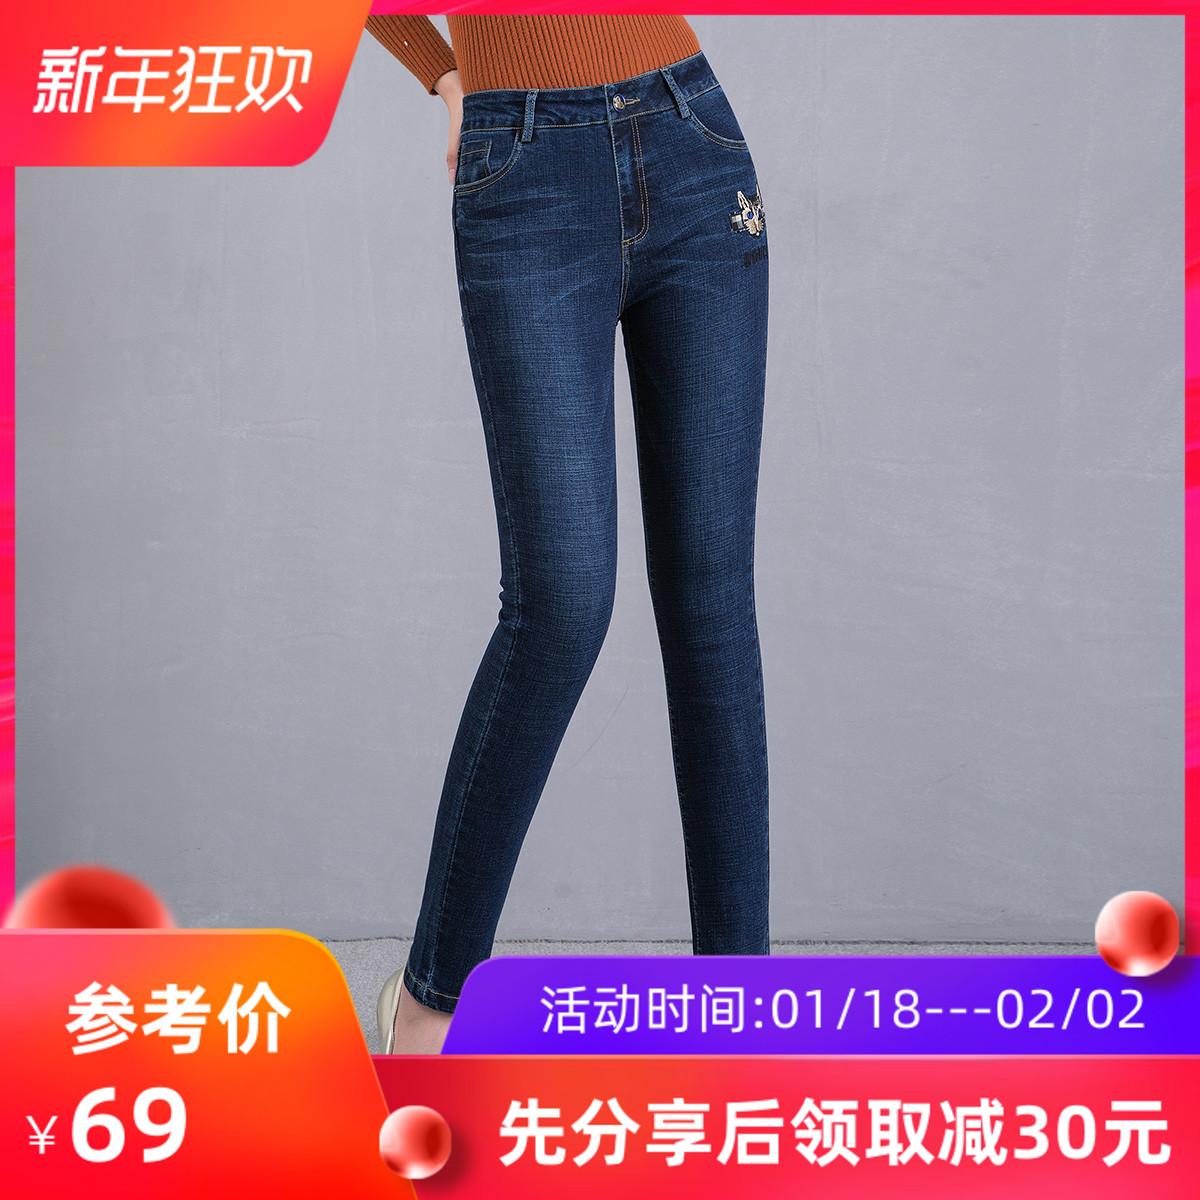 秋季新款紧身小脚牛仔裤中年女人修身休闲牛仔铅笔裤秋天女性长裤